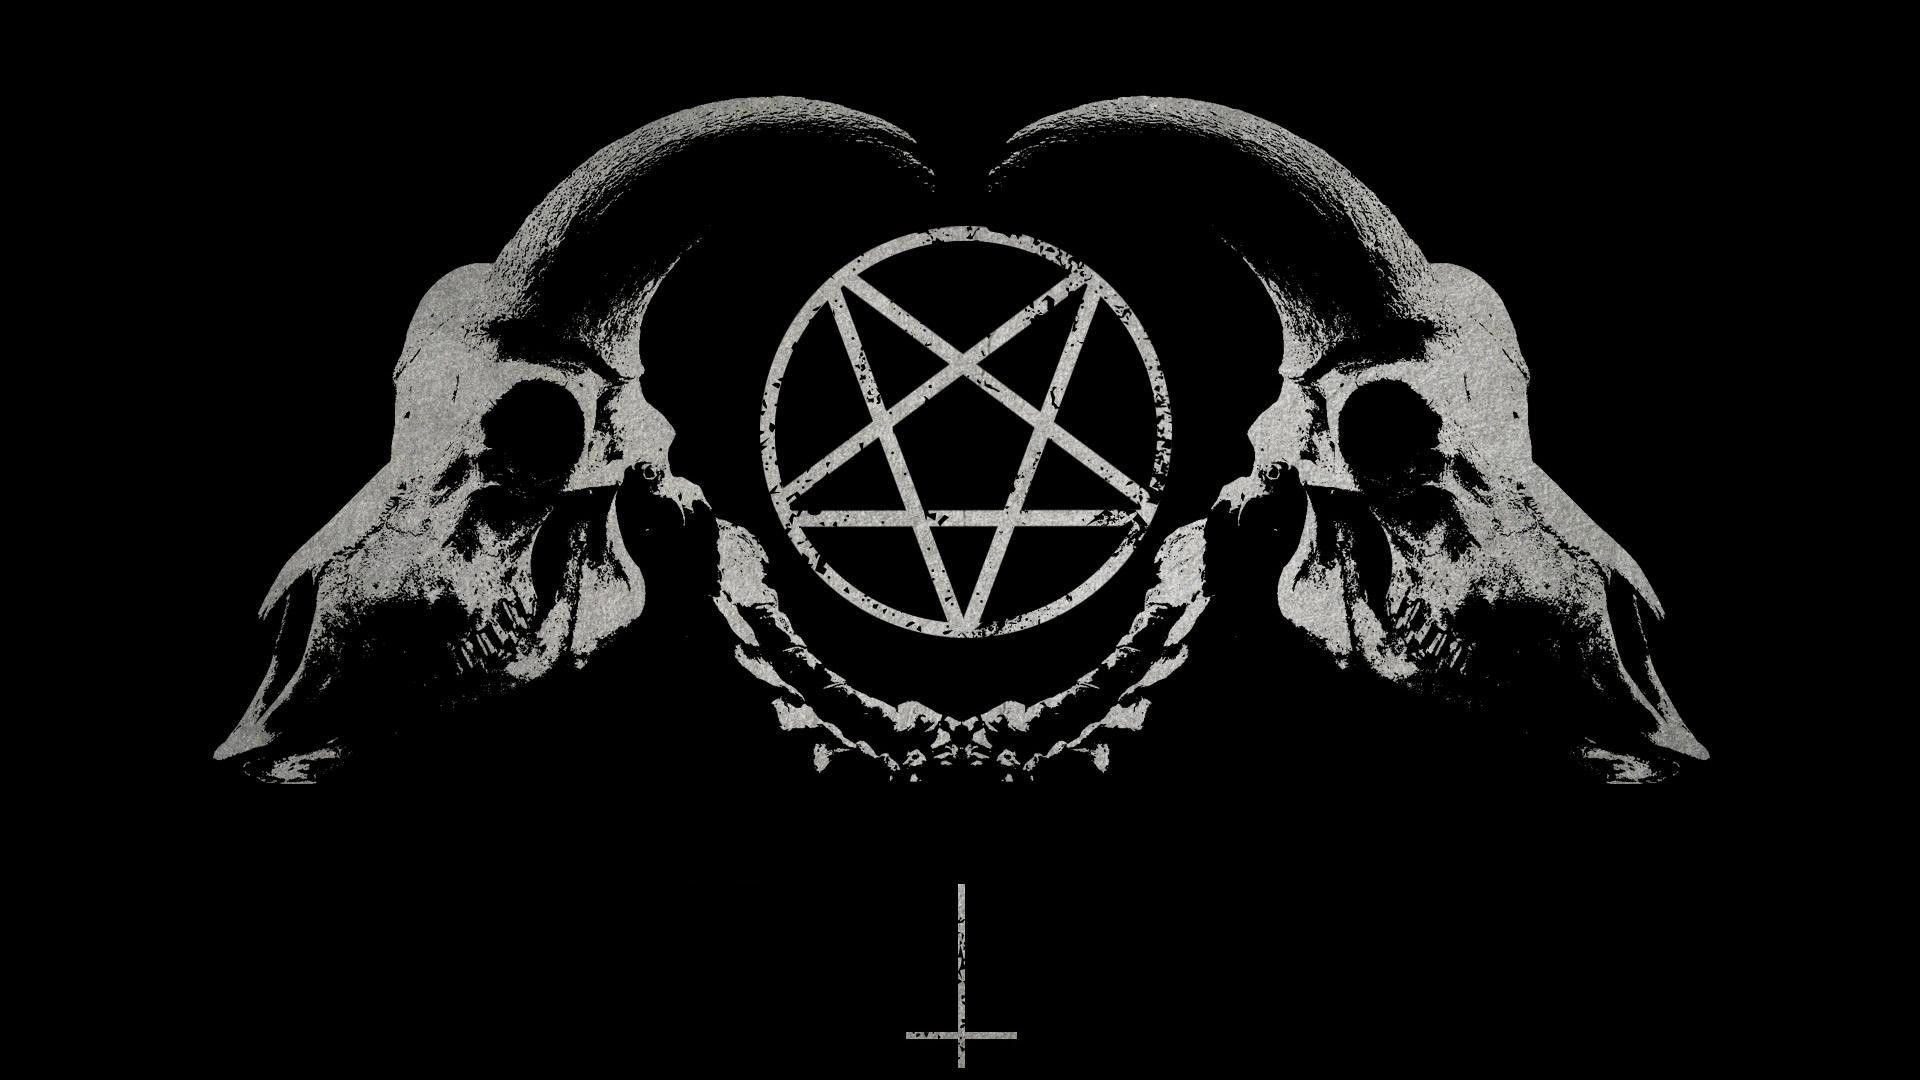 666 Satan Desktop Wallpapers Wallpaper Cave